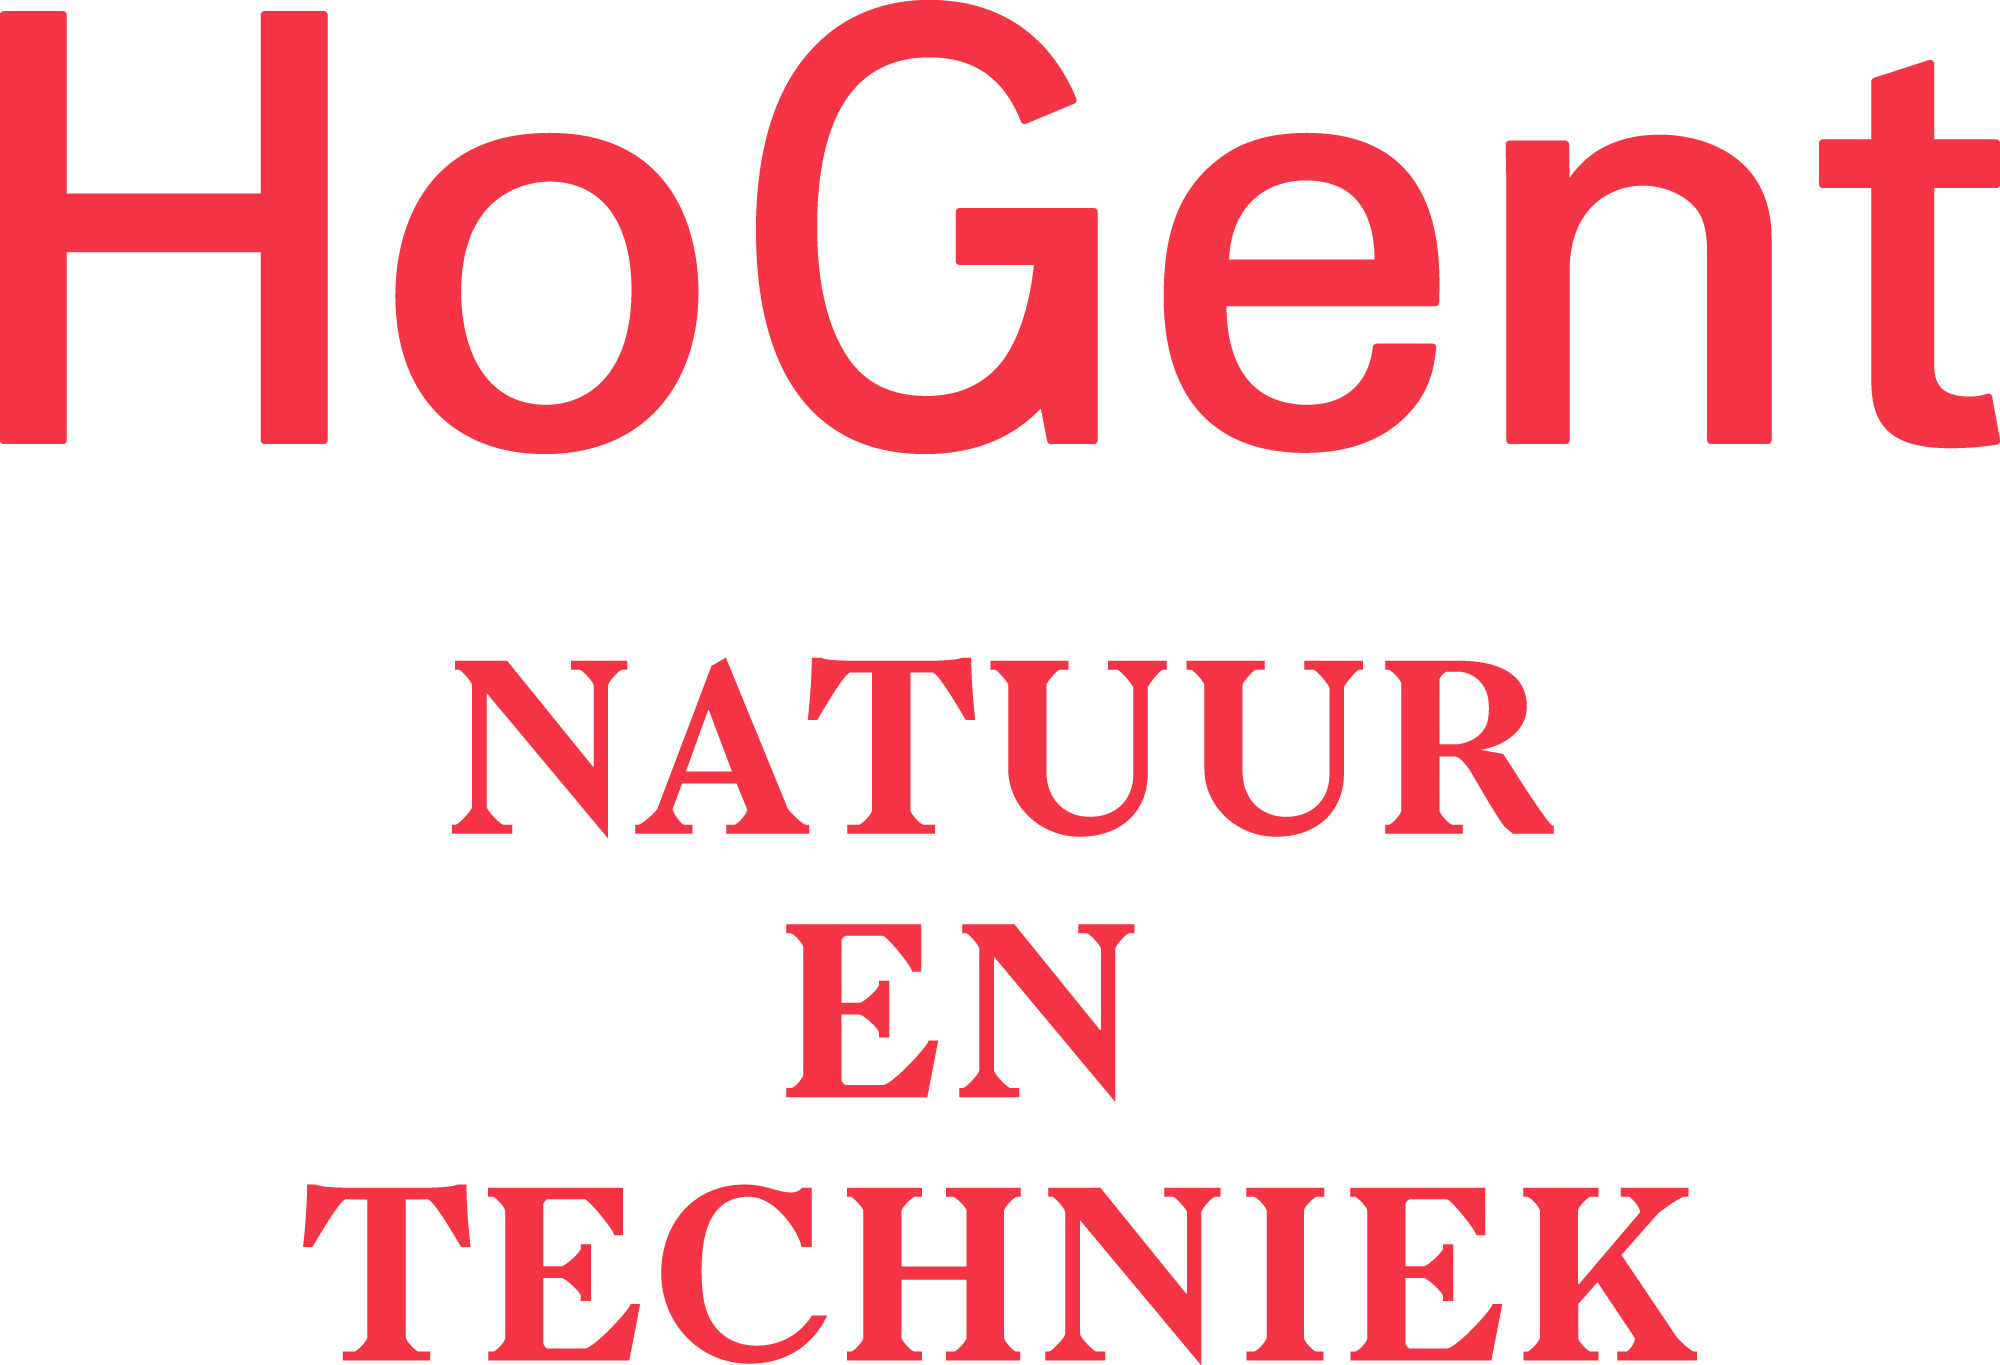 Logo HOGent Natuur en techniek